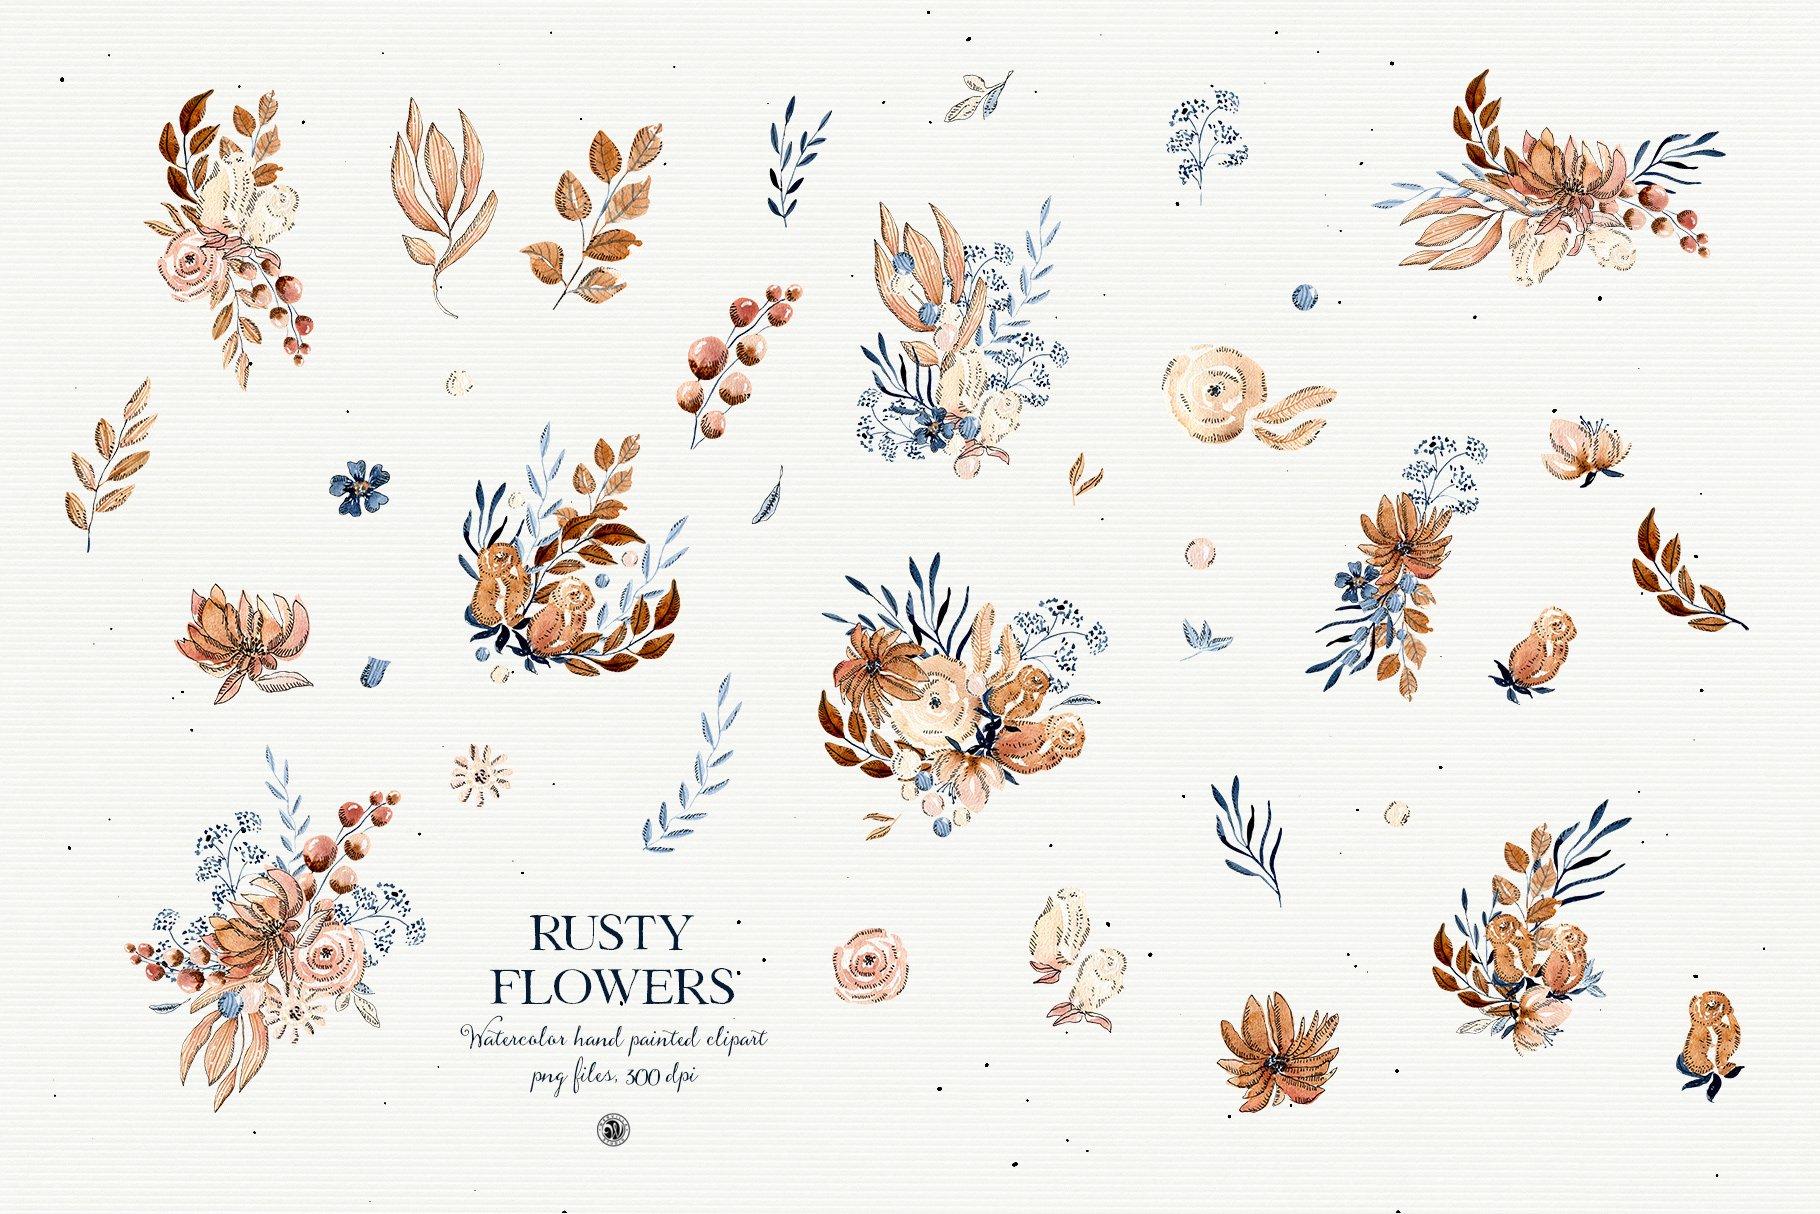 铁锈色花卉树叶手绘剪贴画PNG透明图片设计素材 Rusty Flowers – Watercolor Set插图4